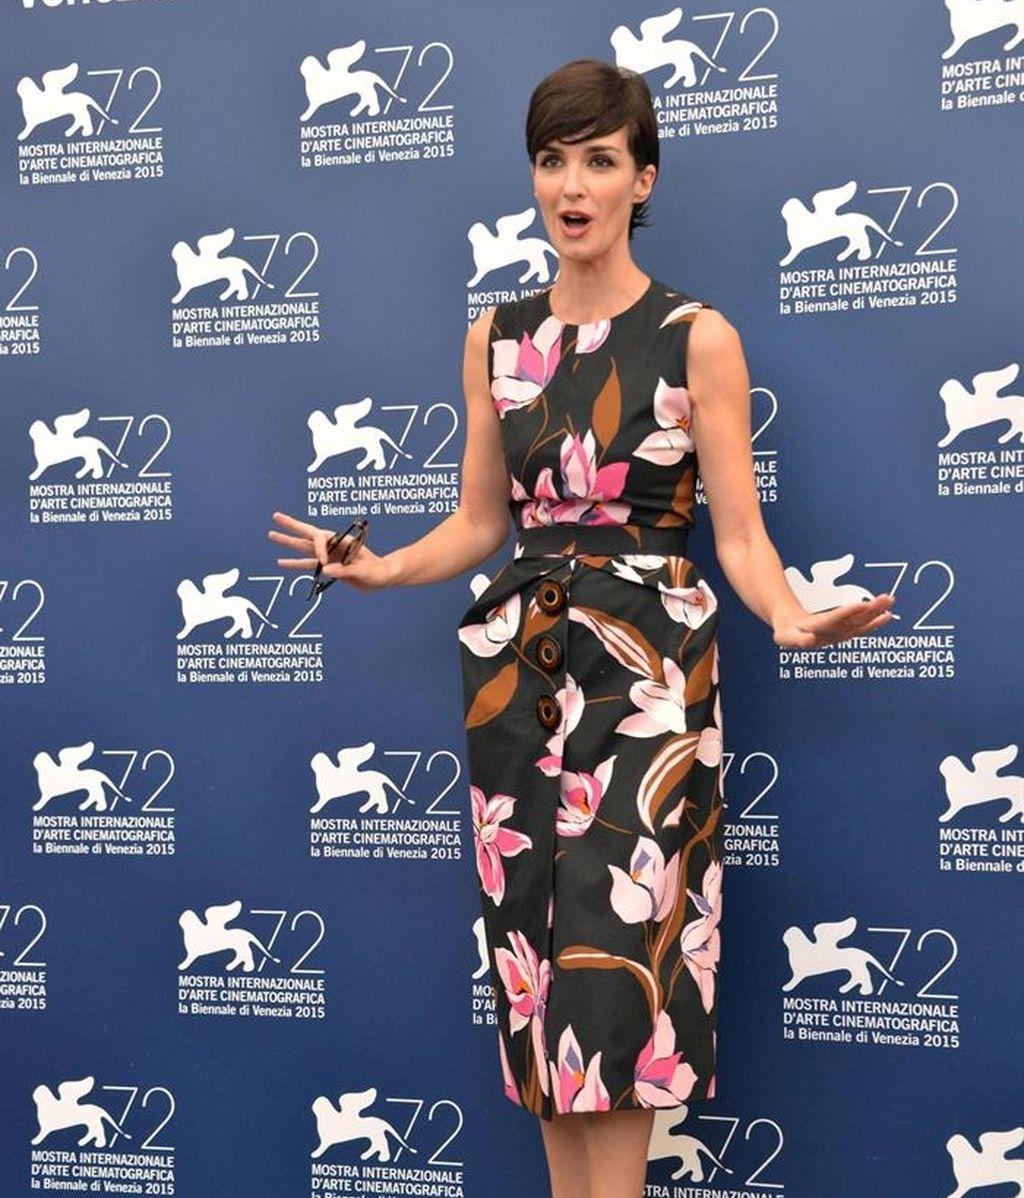 Arranca la Edición 72 del Festival de cine